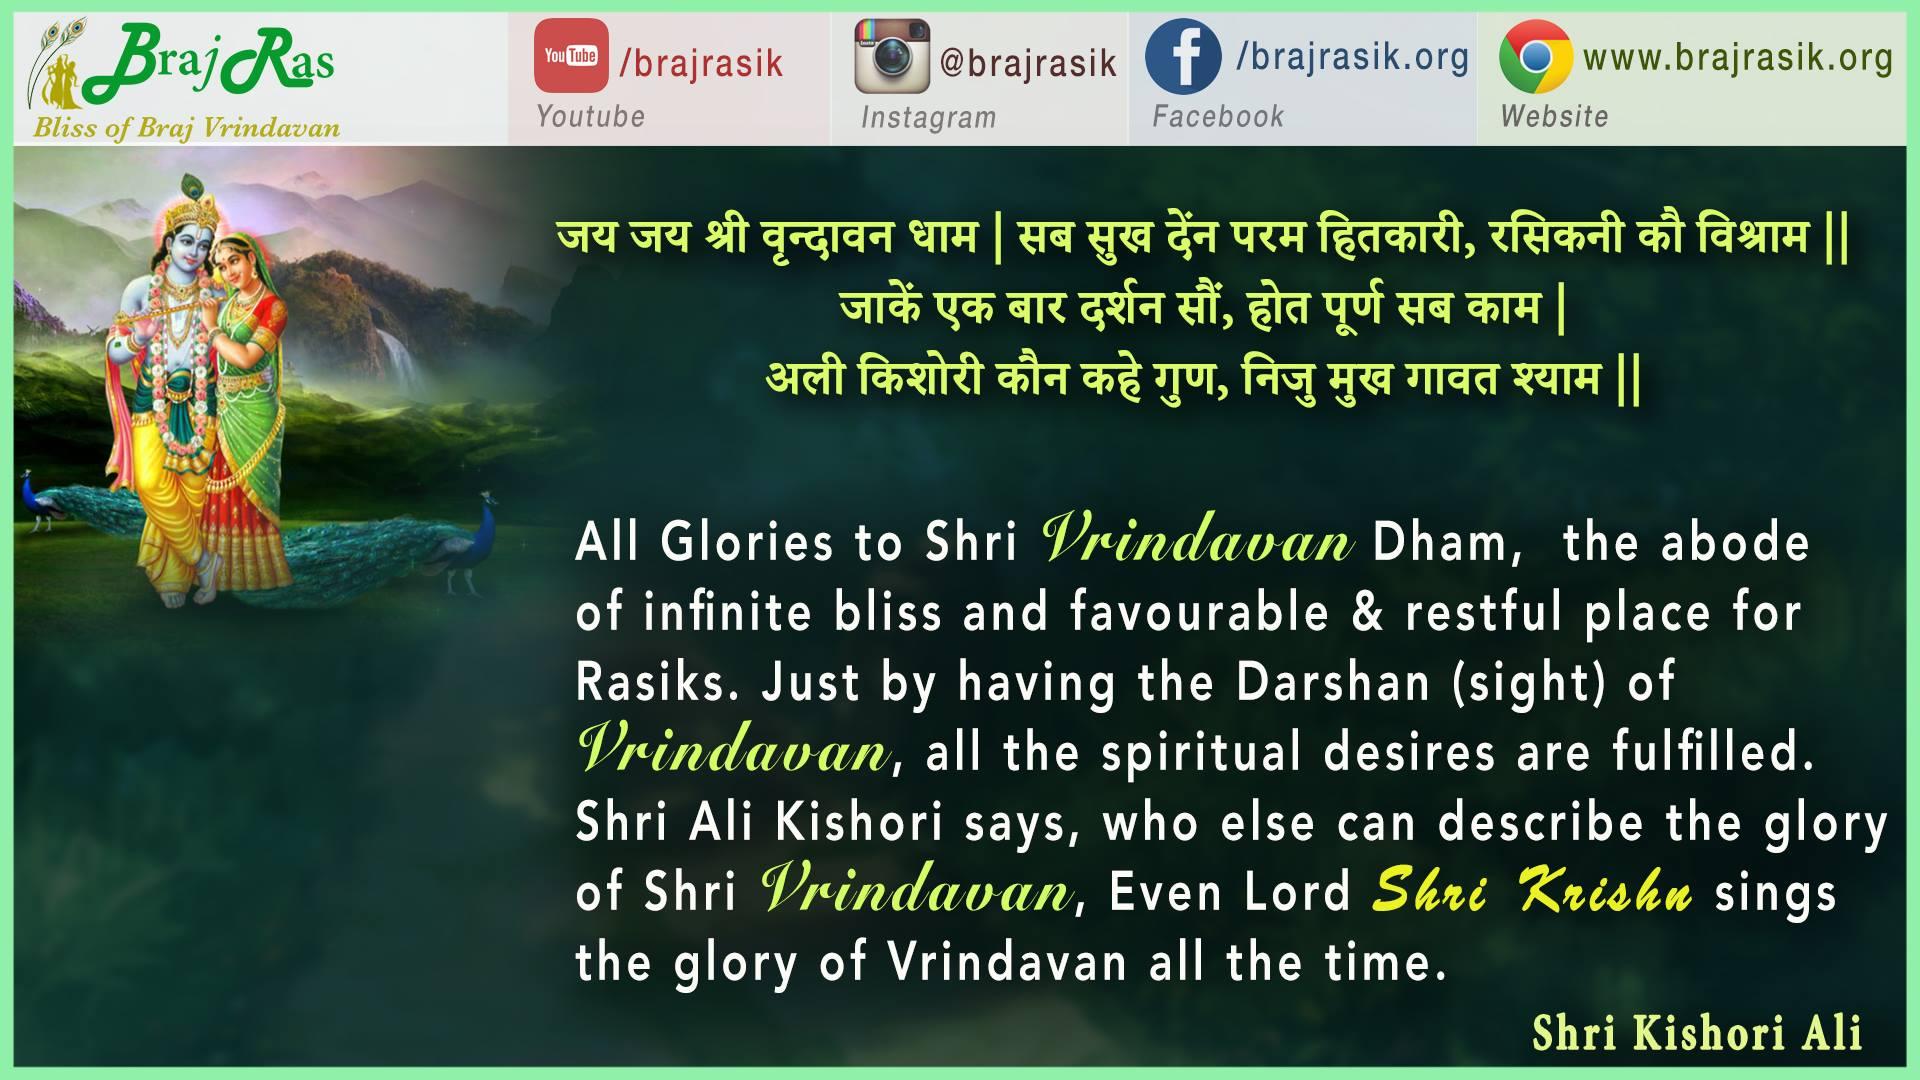 Jay Jay Shree Vrindavan Dham - Shri Kishori Ali, Shri kishori Ali Granthawali